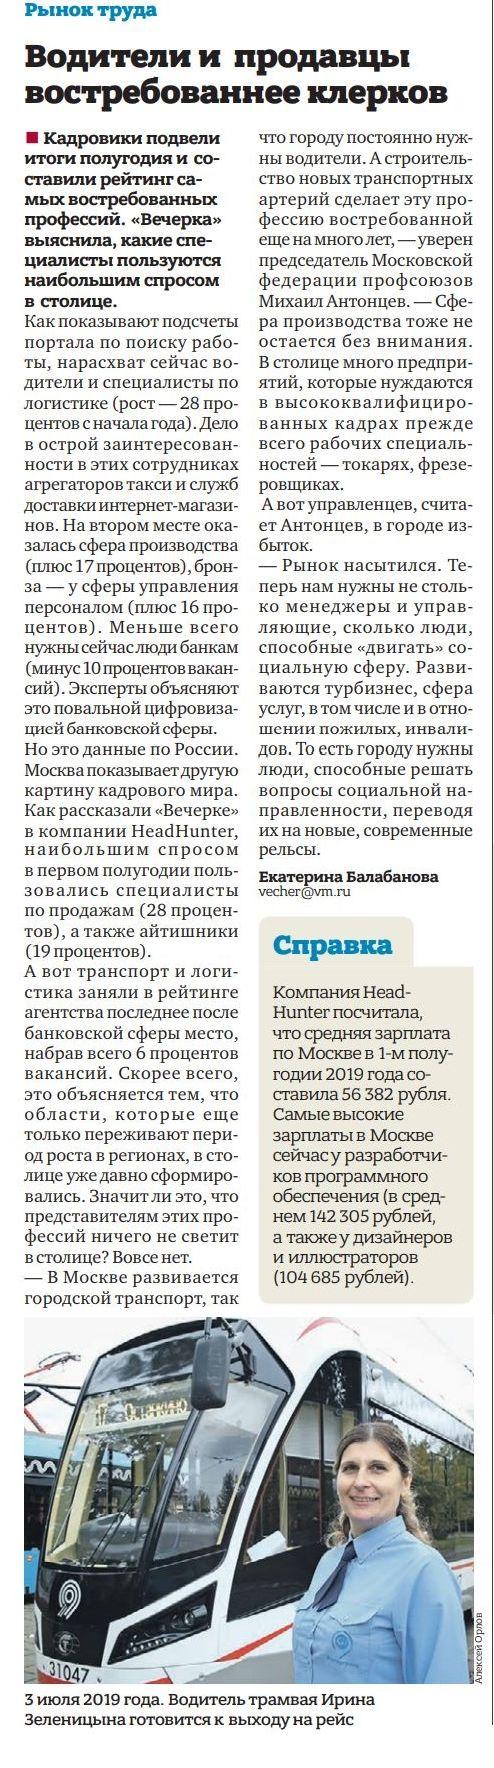 Михаил Антонцев назвал наиболее востребованные профессии в России и Москве